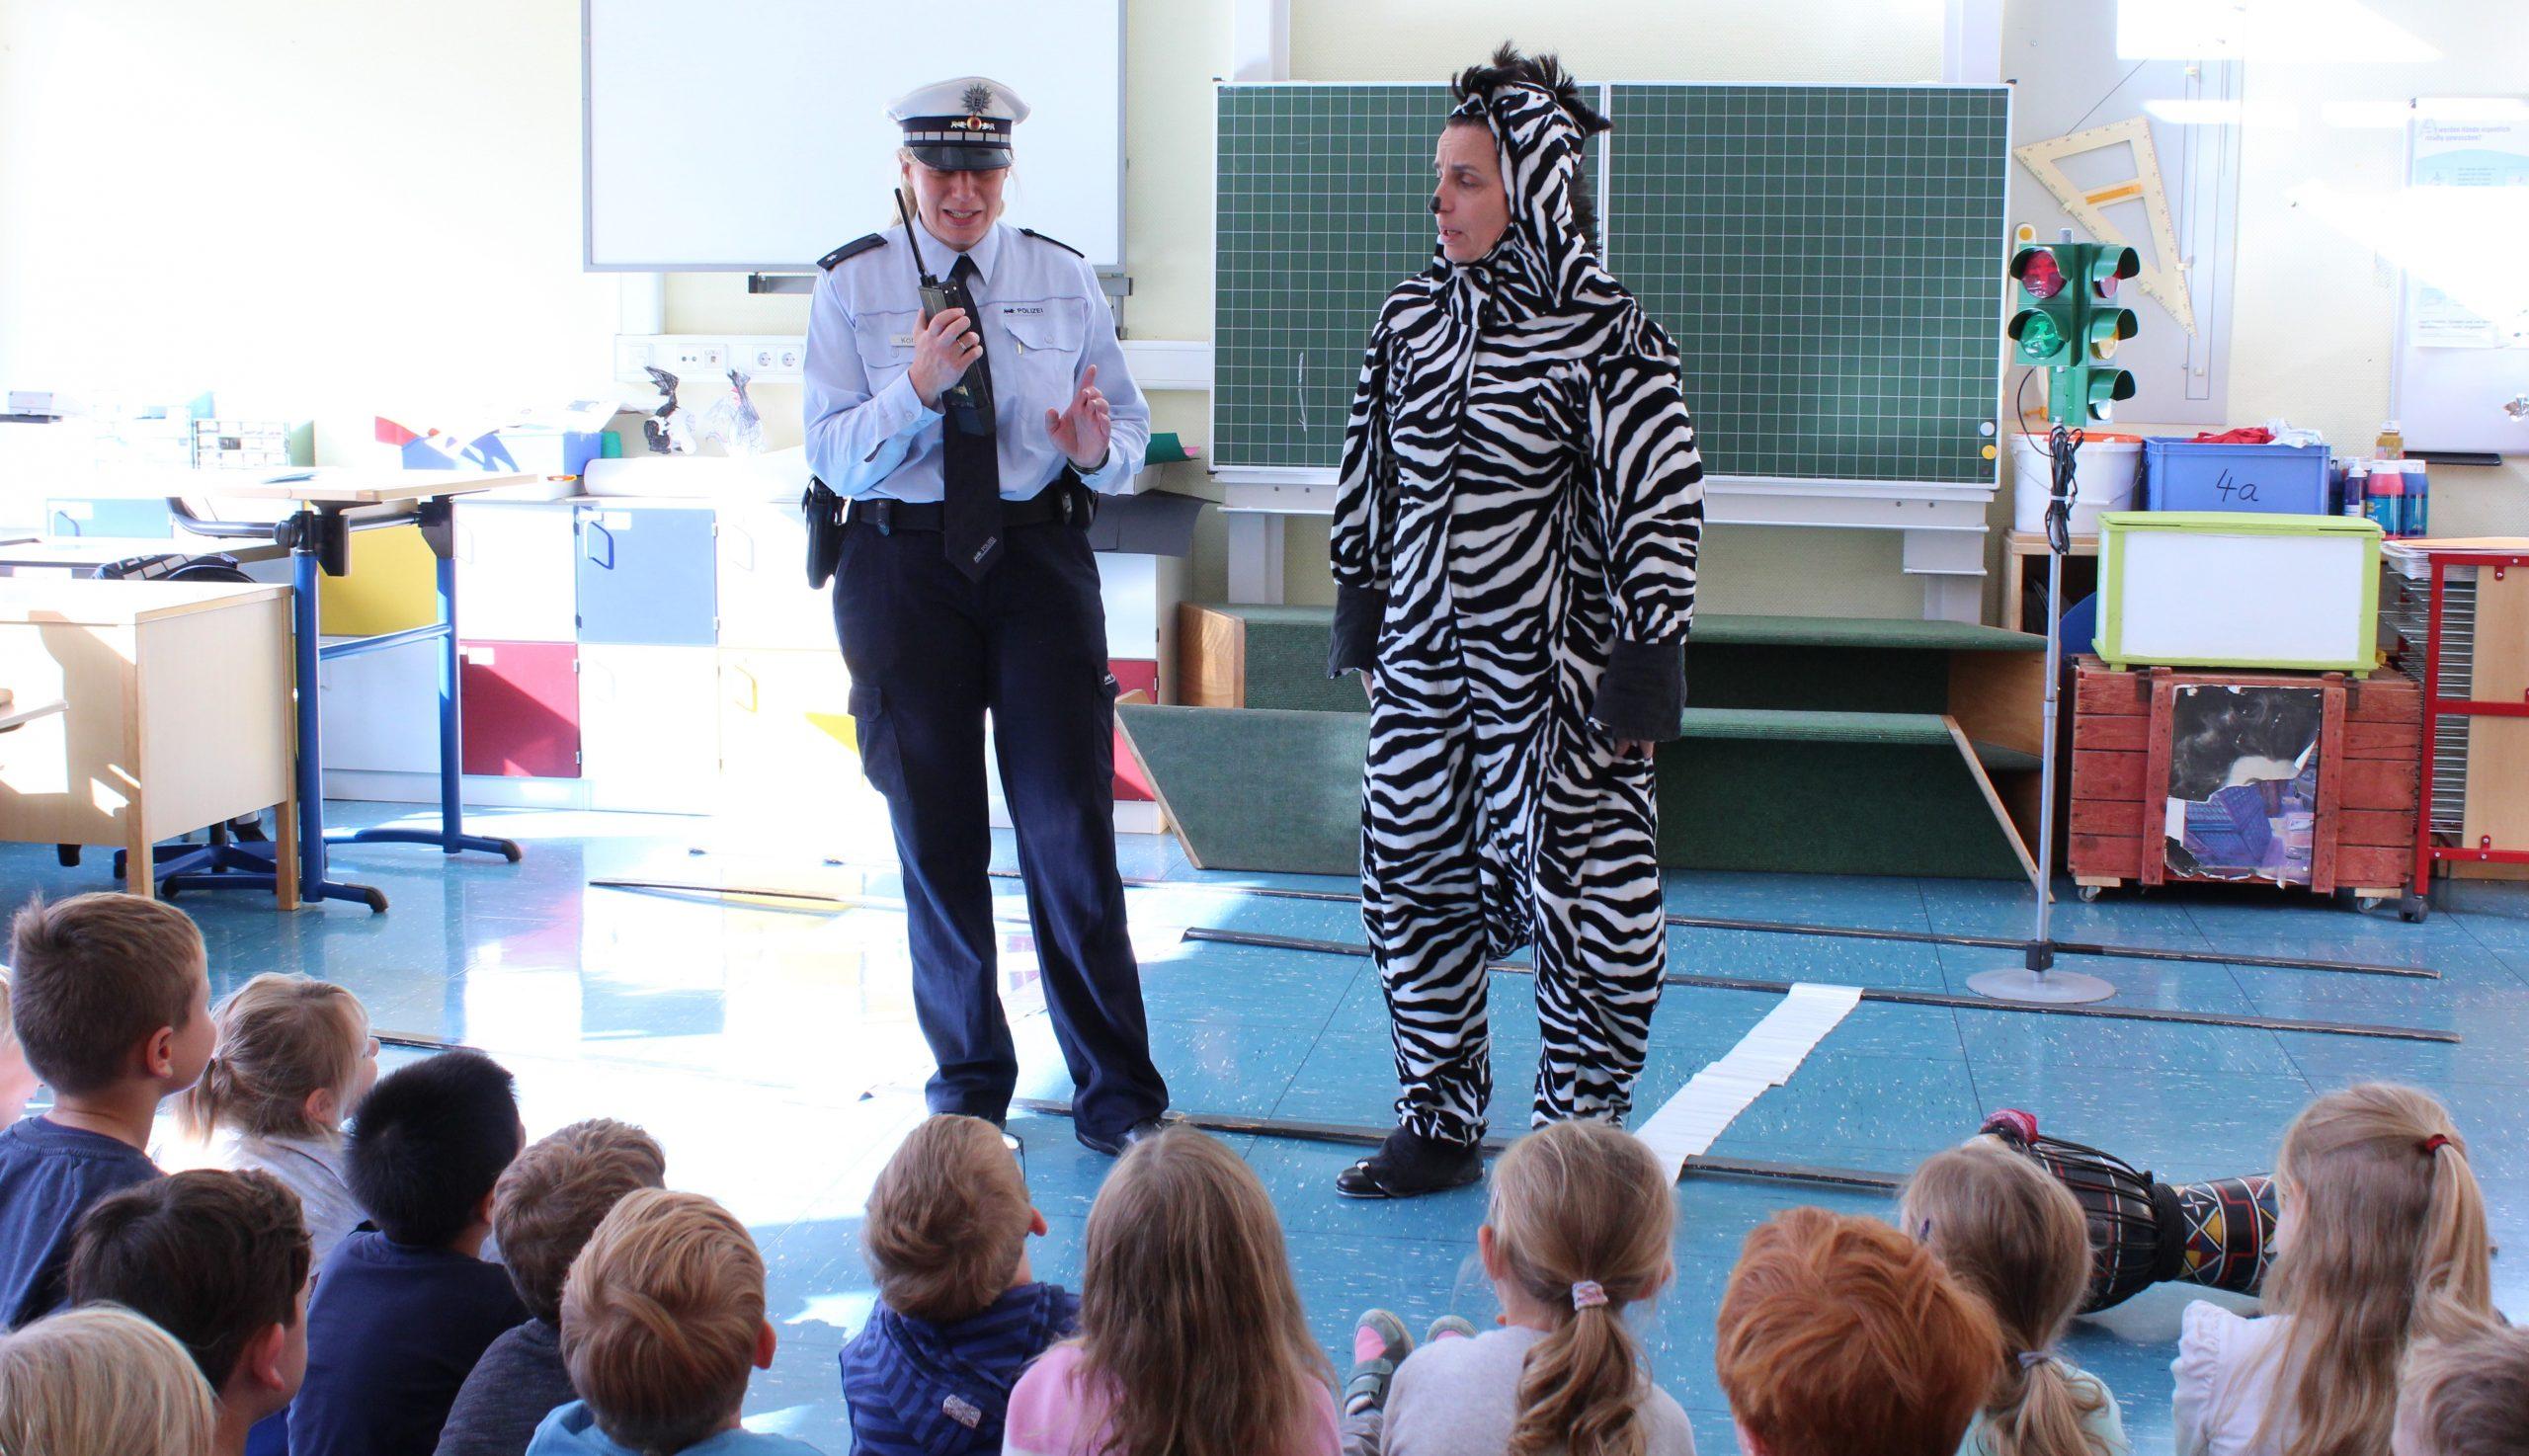 Ein Zebra in der Schule?